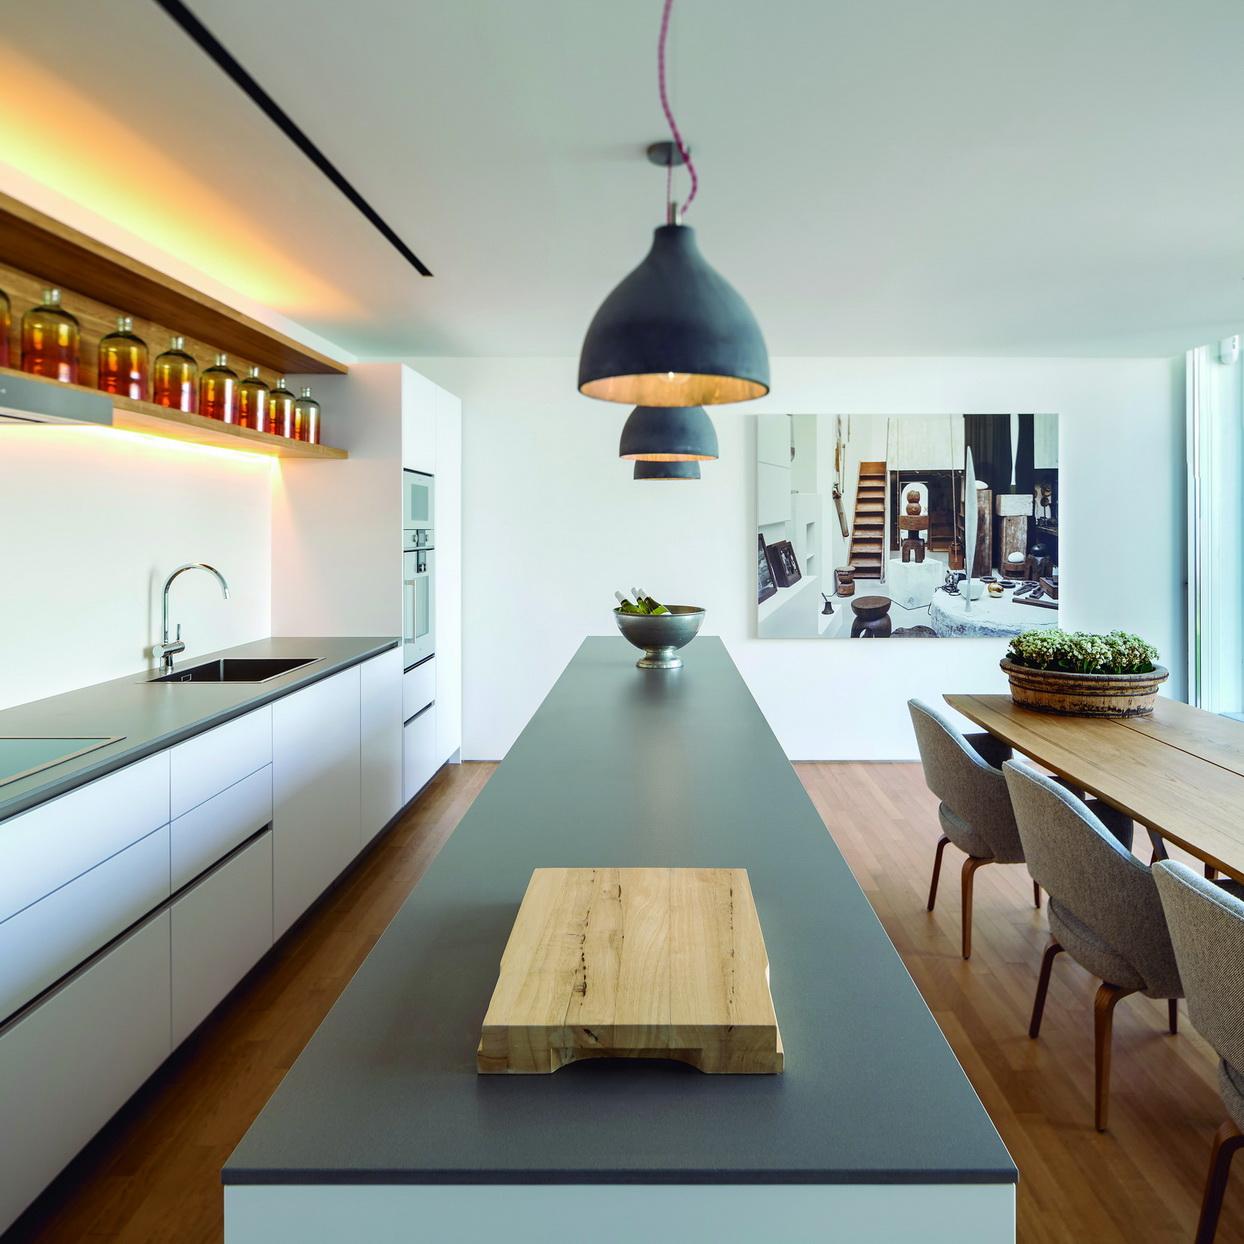 מטבח מודרני- משטח נאוליט במרכזו